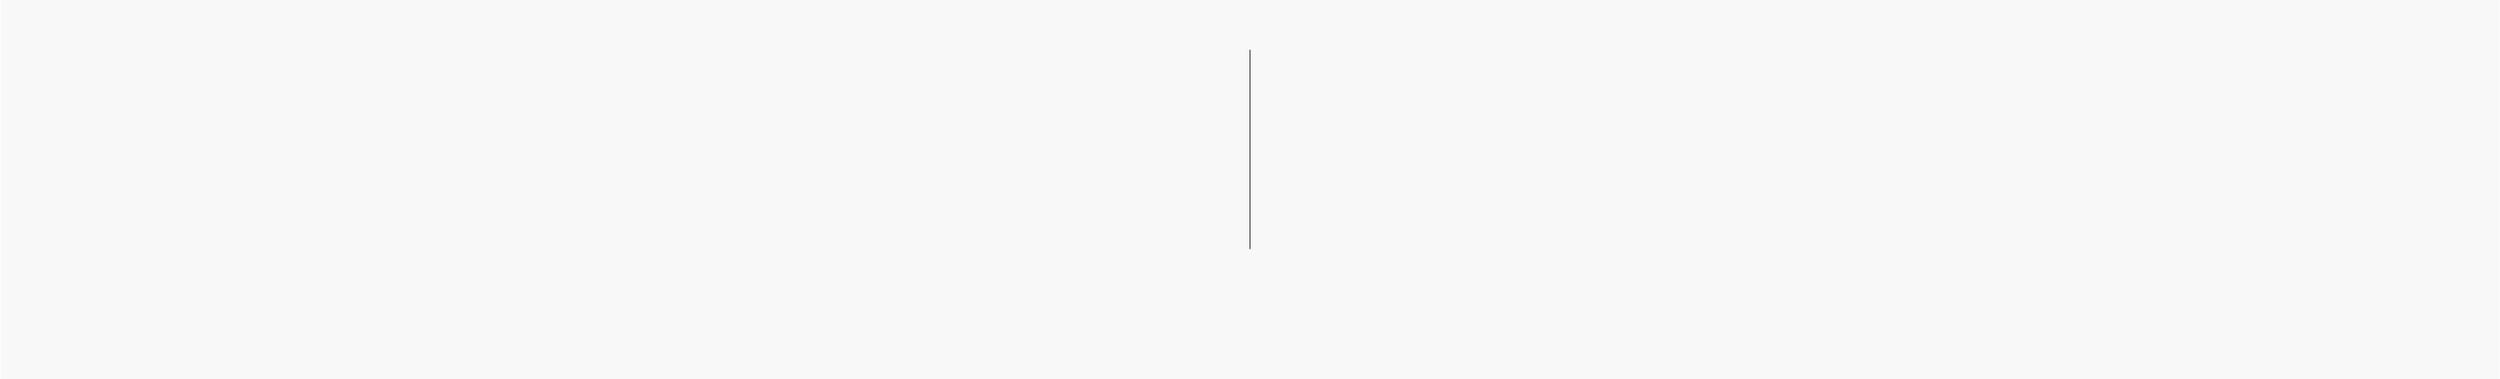 short+middle+line.jpg